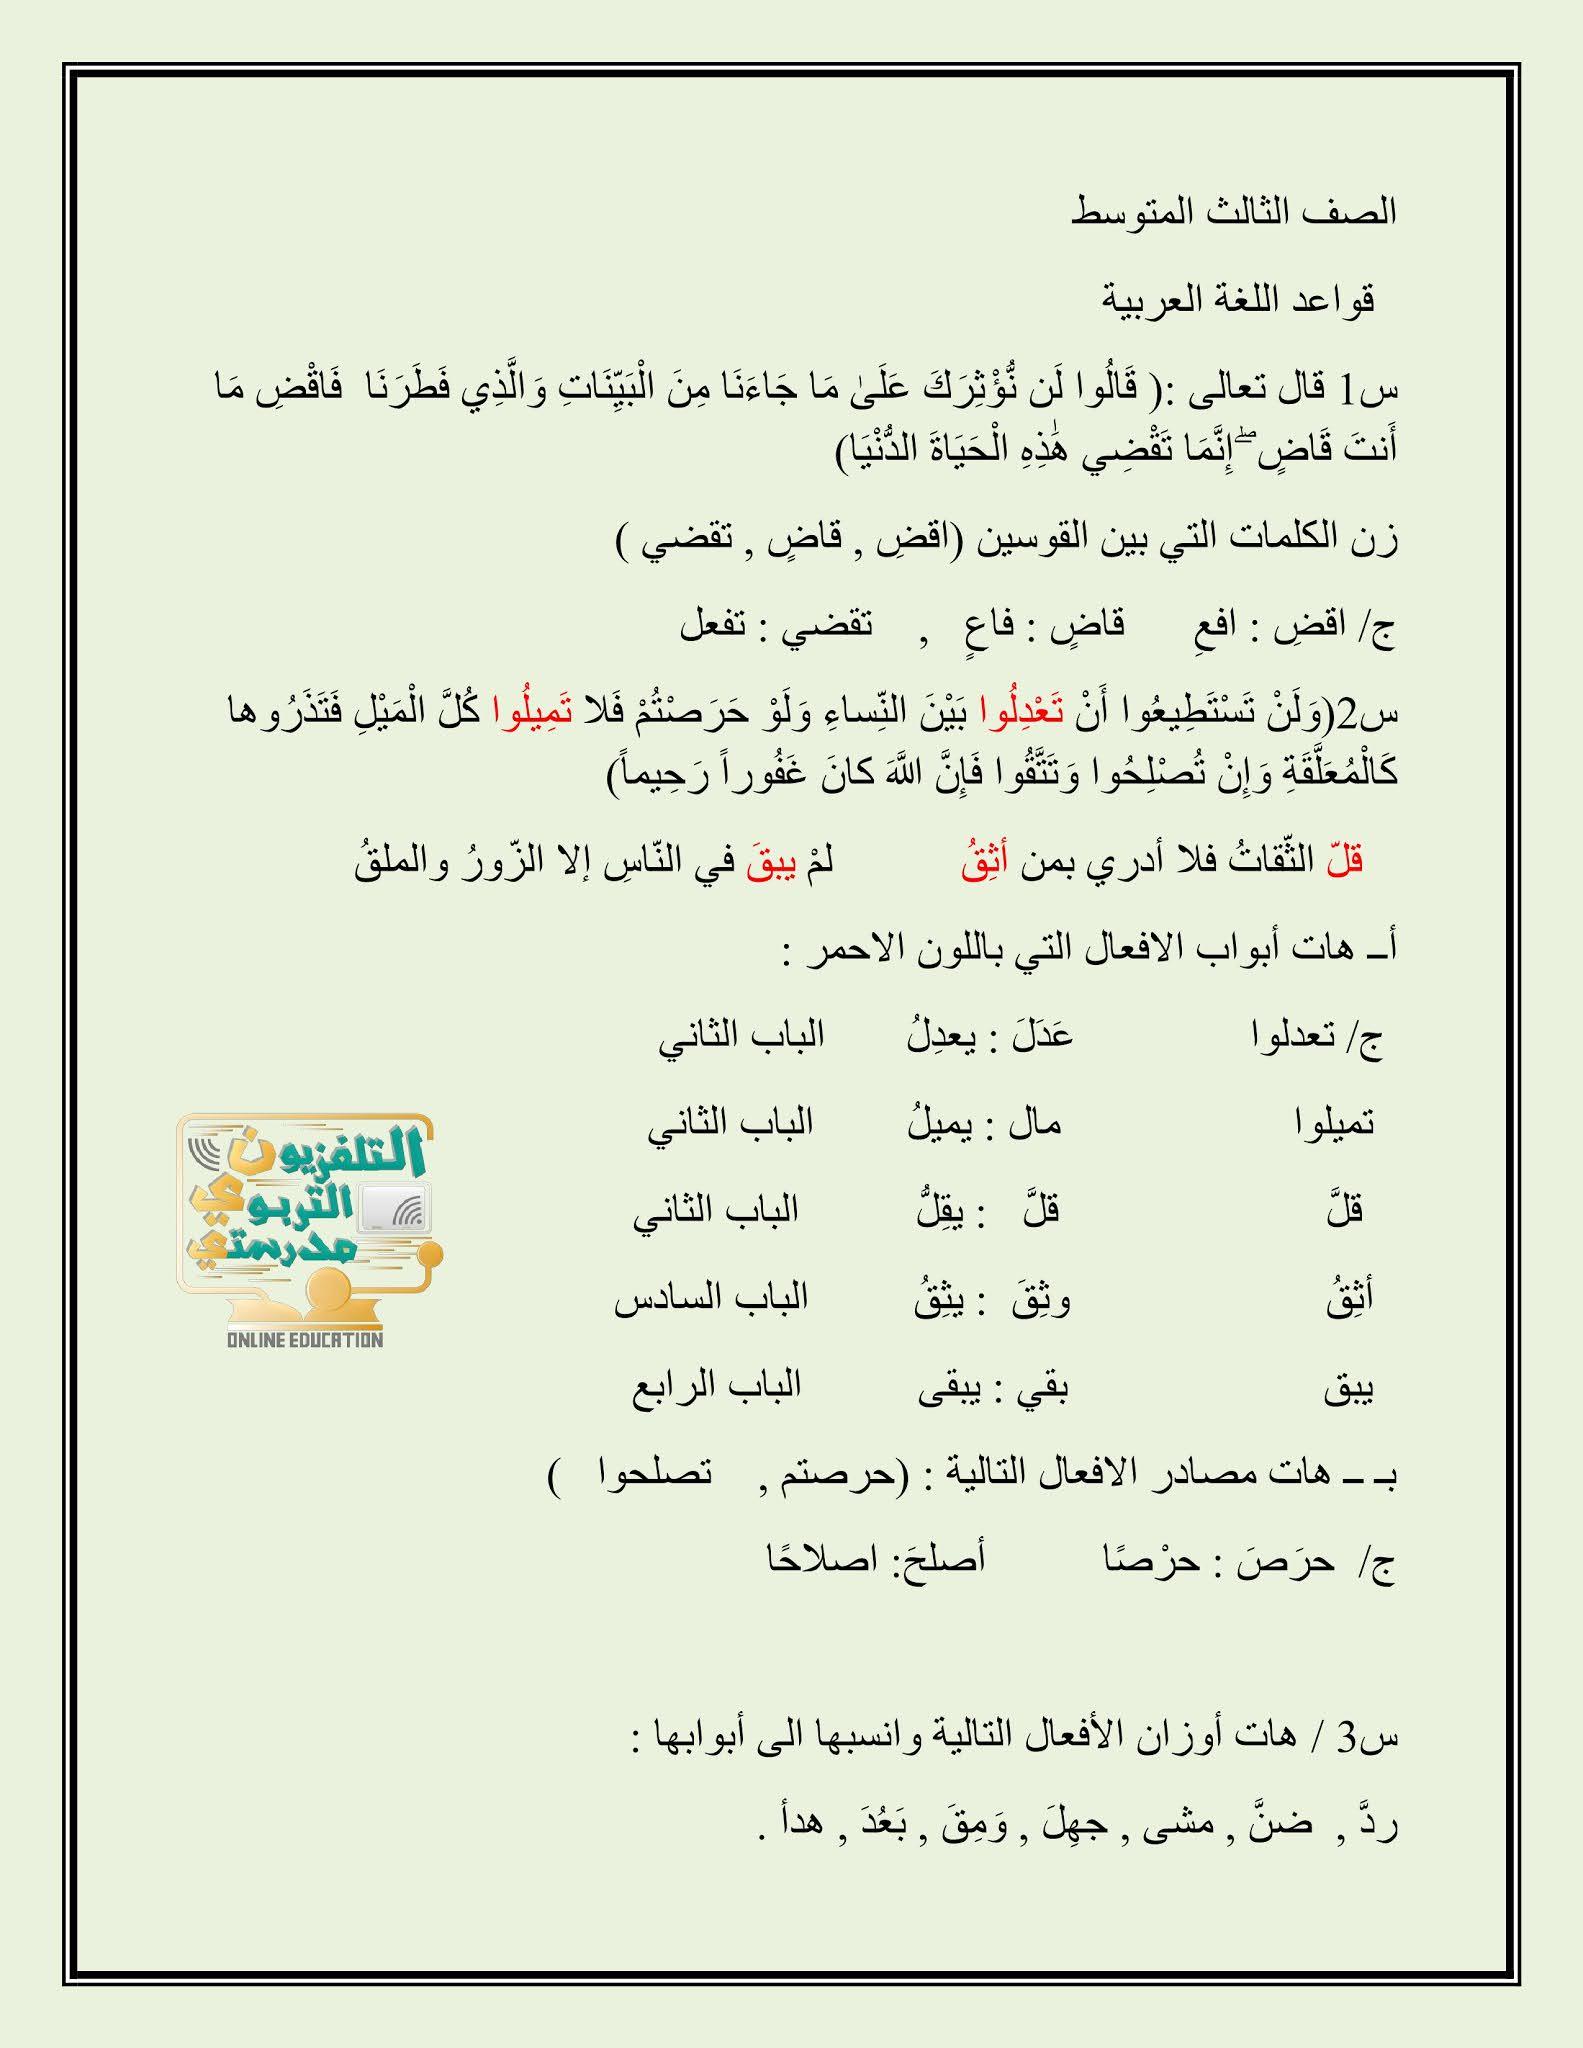 ملخص مادة اللغة العربية 2021 على شكل سؤال وجواب صف الثالث متوسط مقدم من اللجان المتخصصة في التلفزيون التربوي العراقي